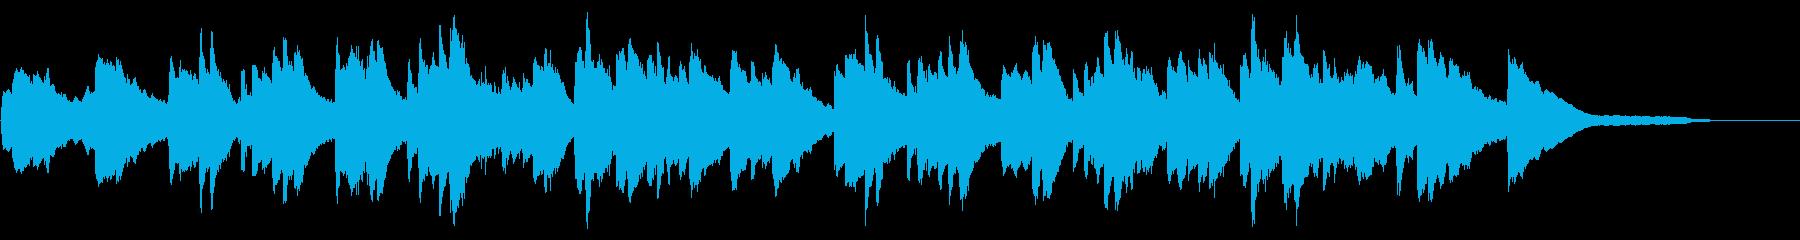 企業VP35 16bit48kHzVerの再生済みの波形